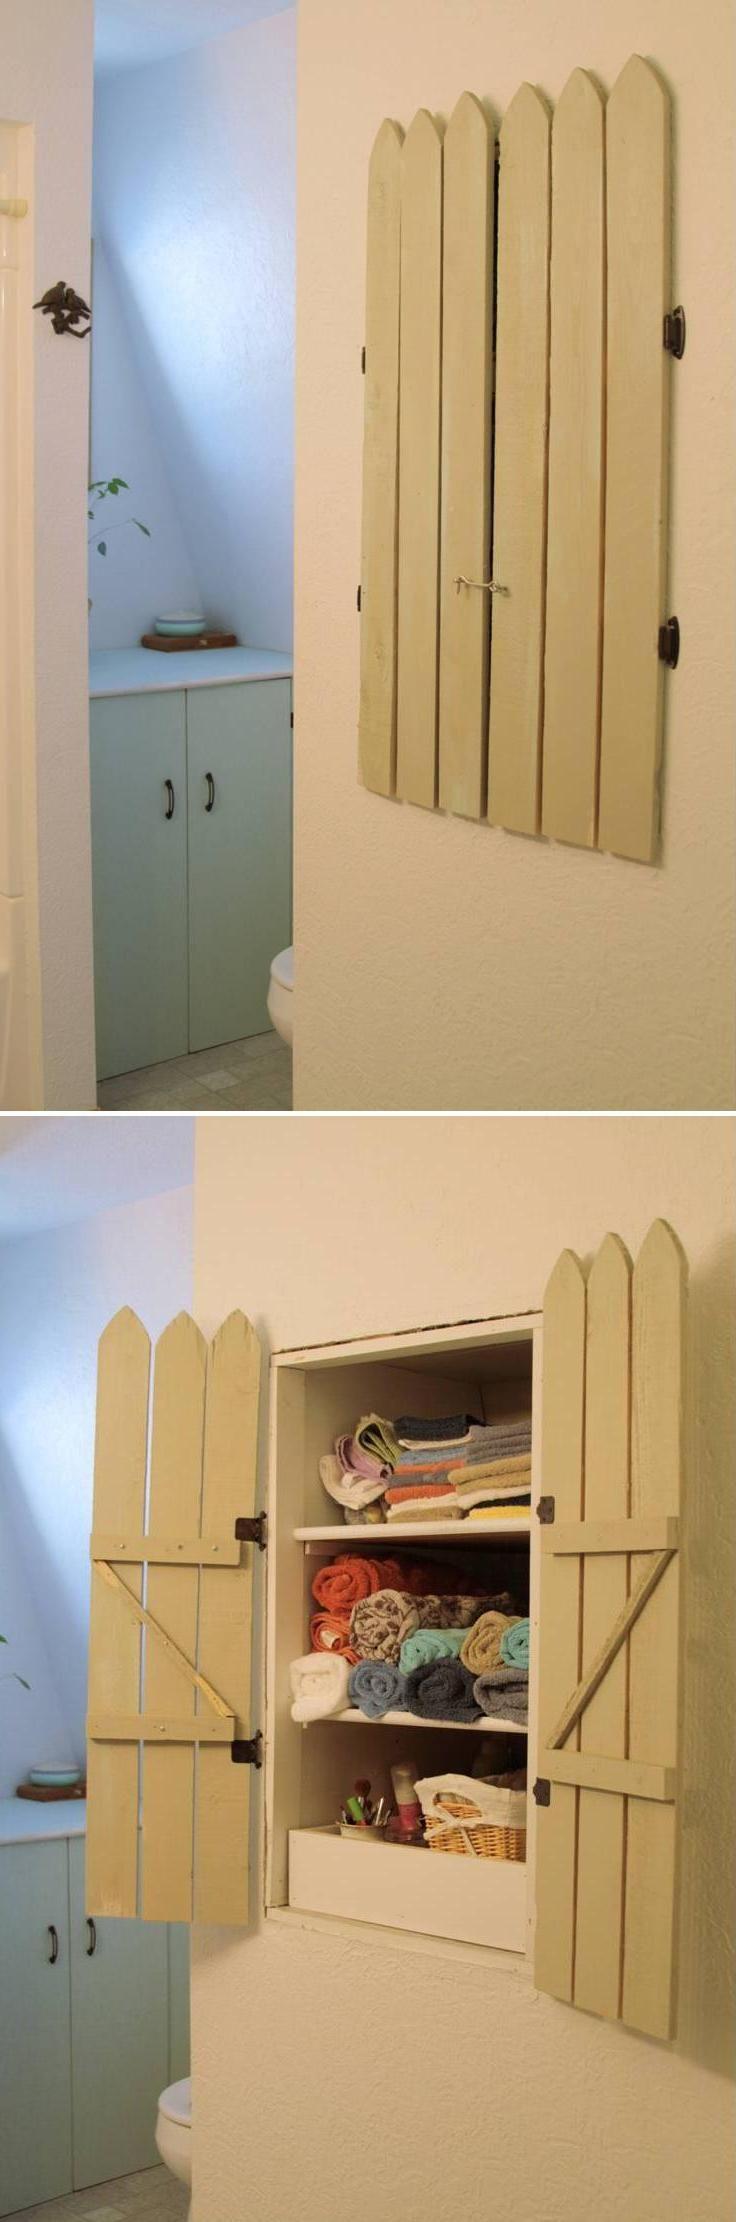 Top 10 Diy Bathroom Storage Solutions Diy Cabinets Bathroom Storage Solutions And Bathroom